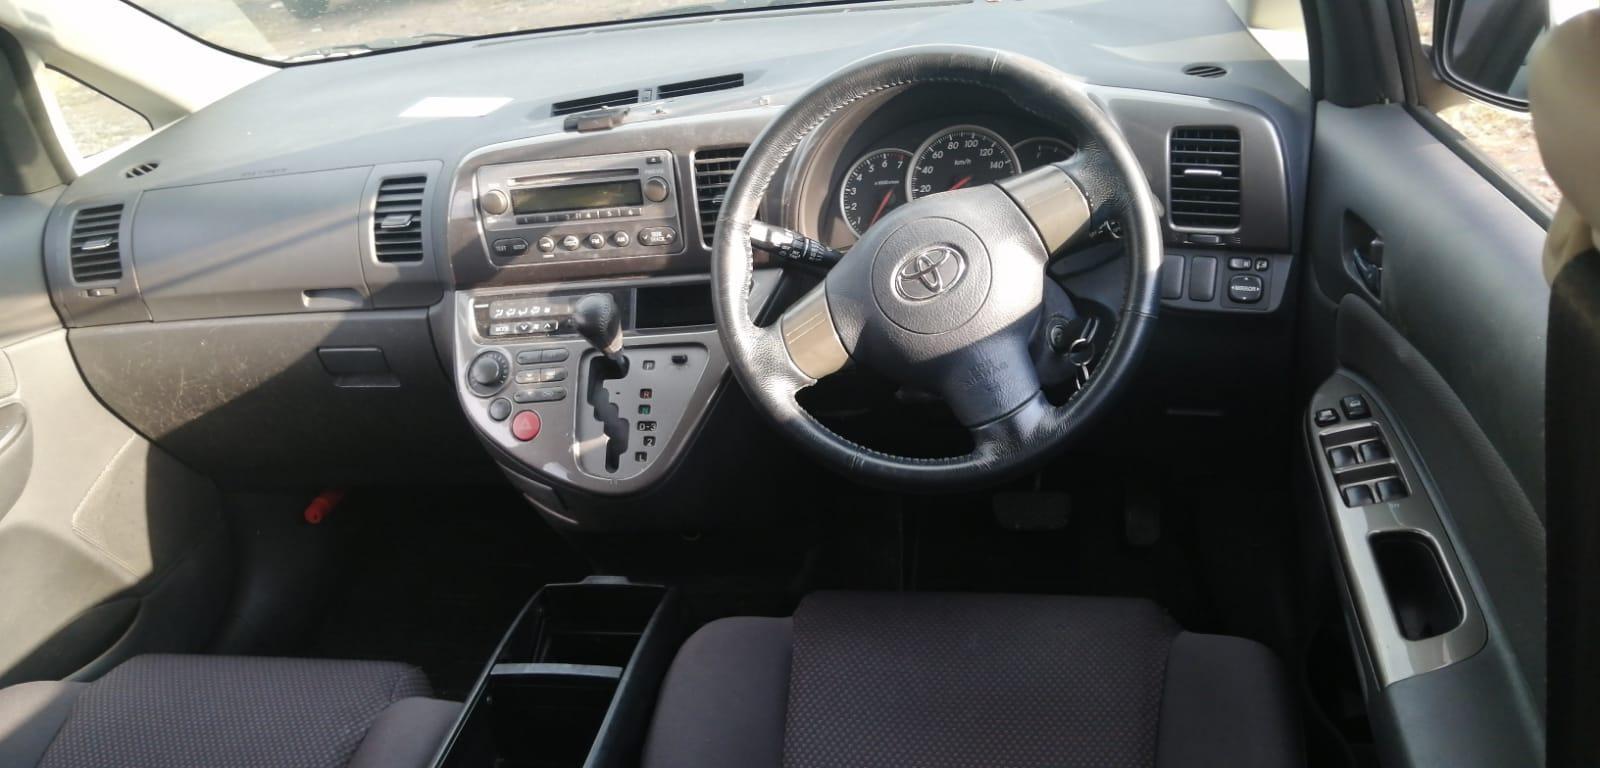 Toyota Wish in Botswana